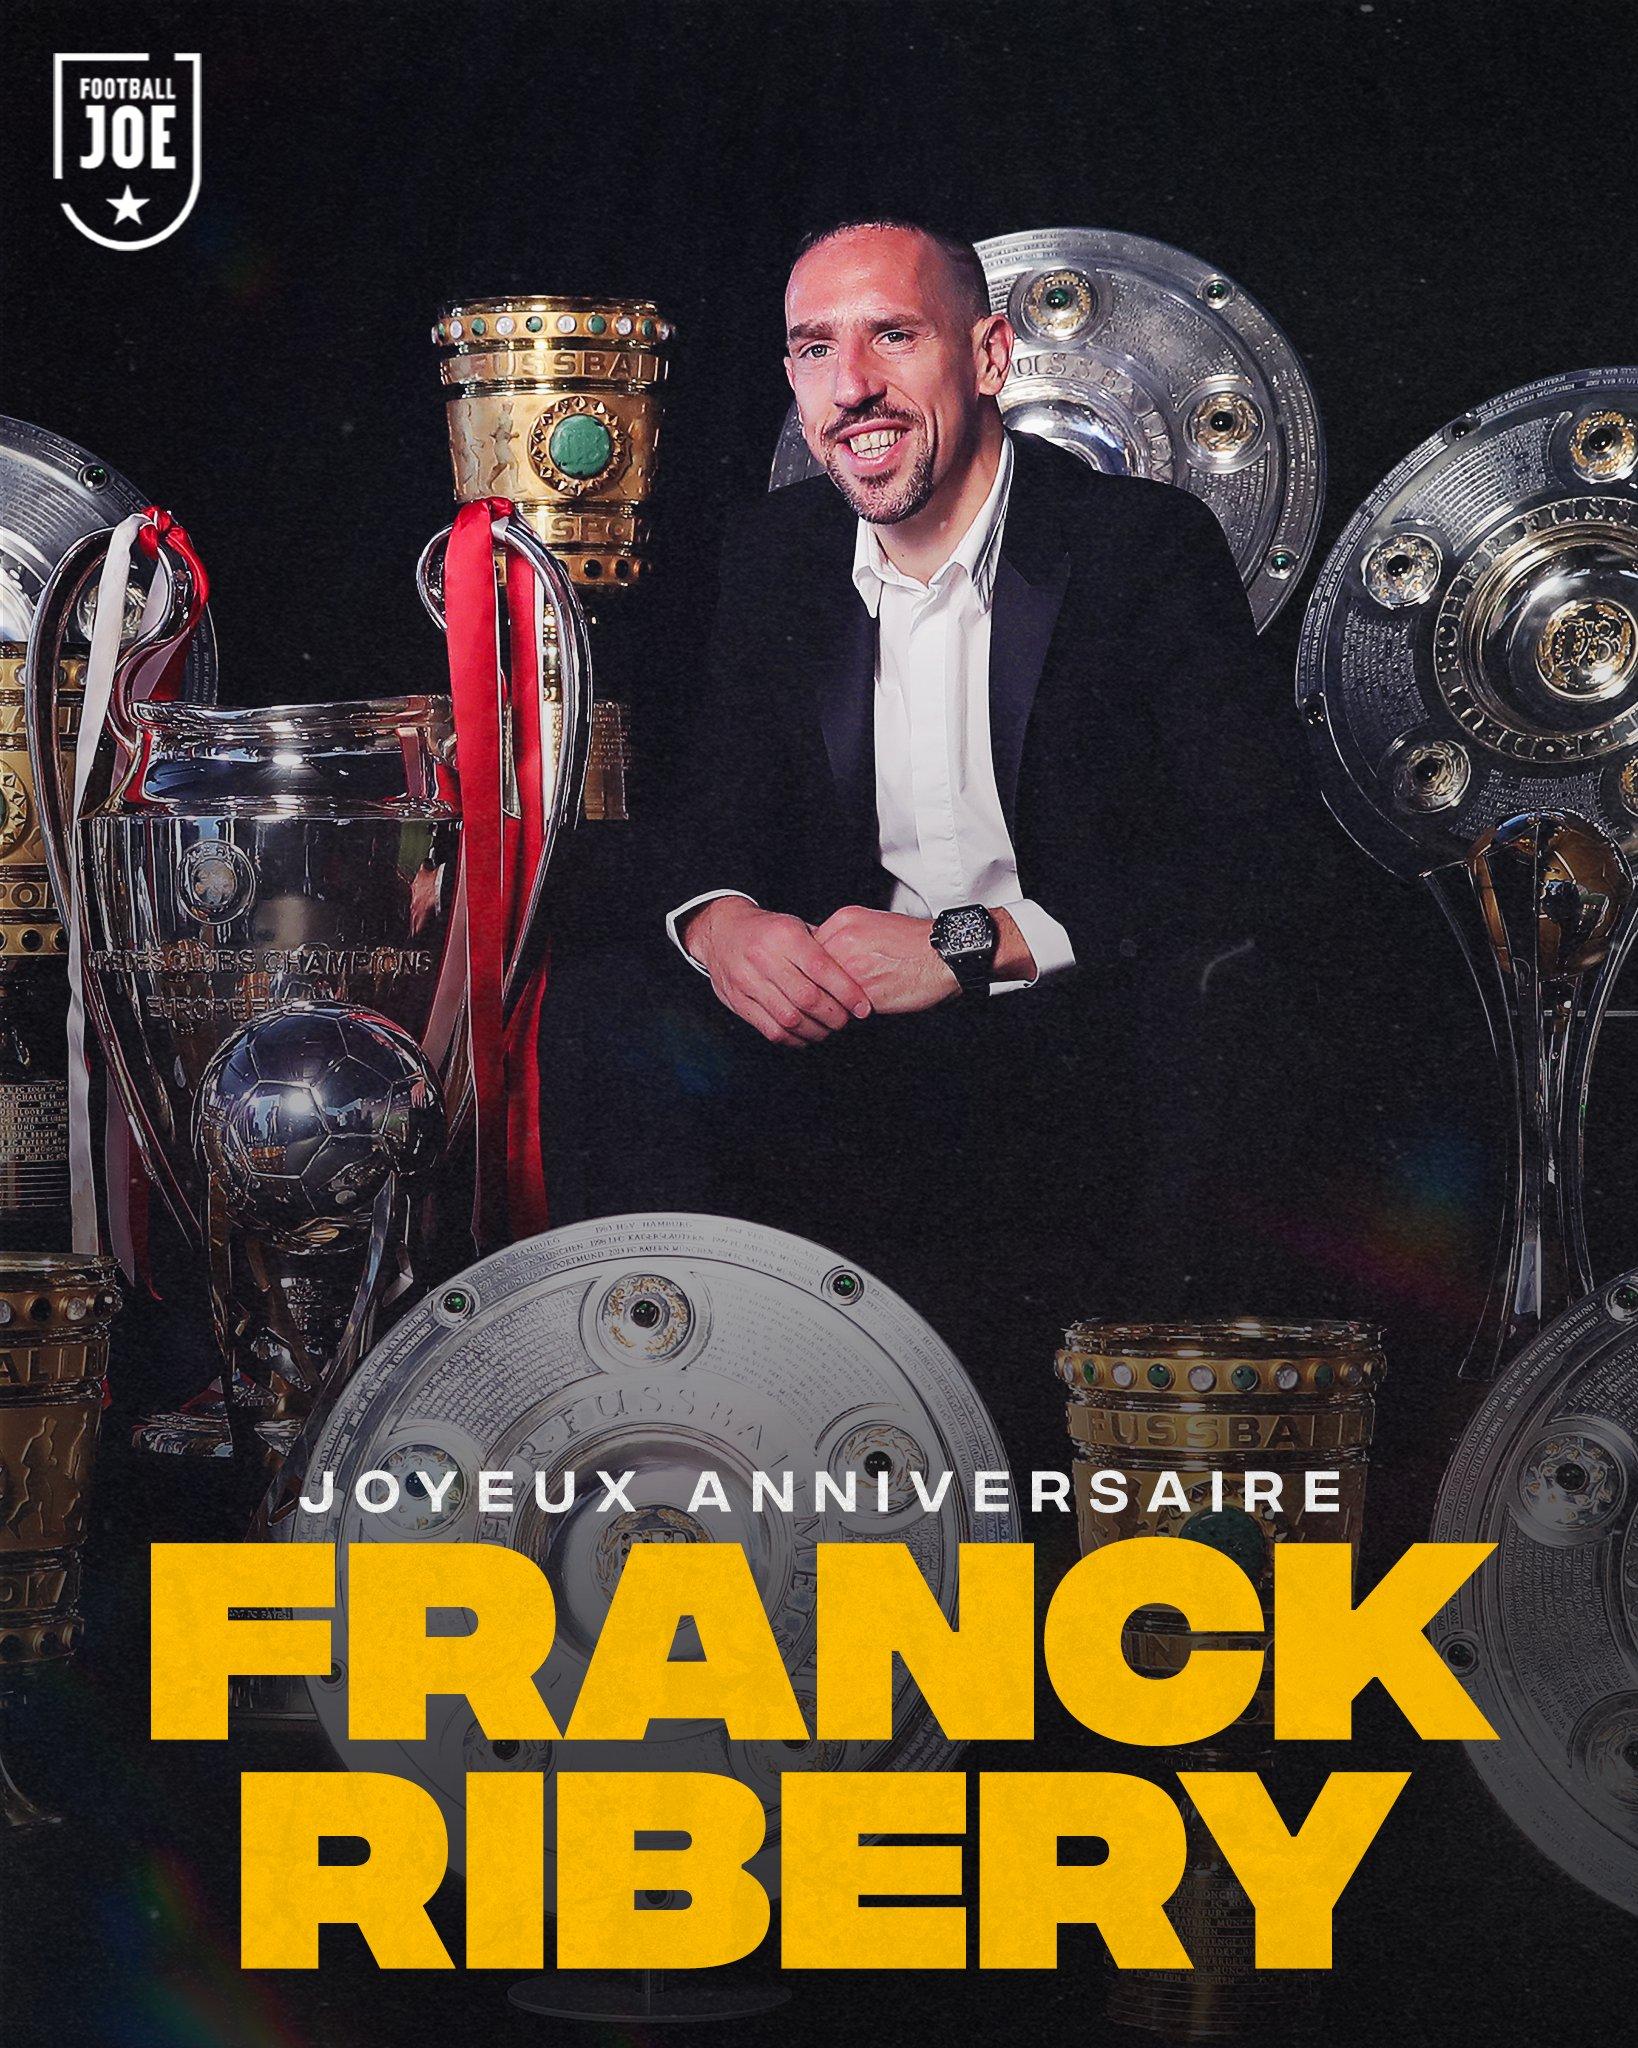 Happy 38th birthday to Franck Ribery